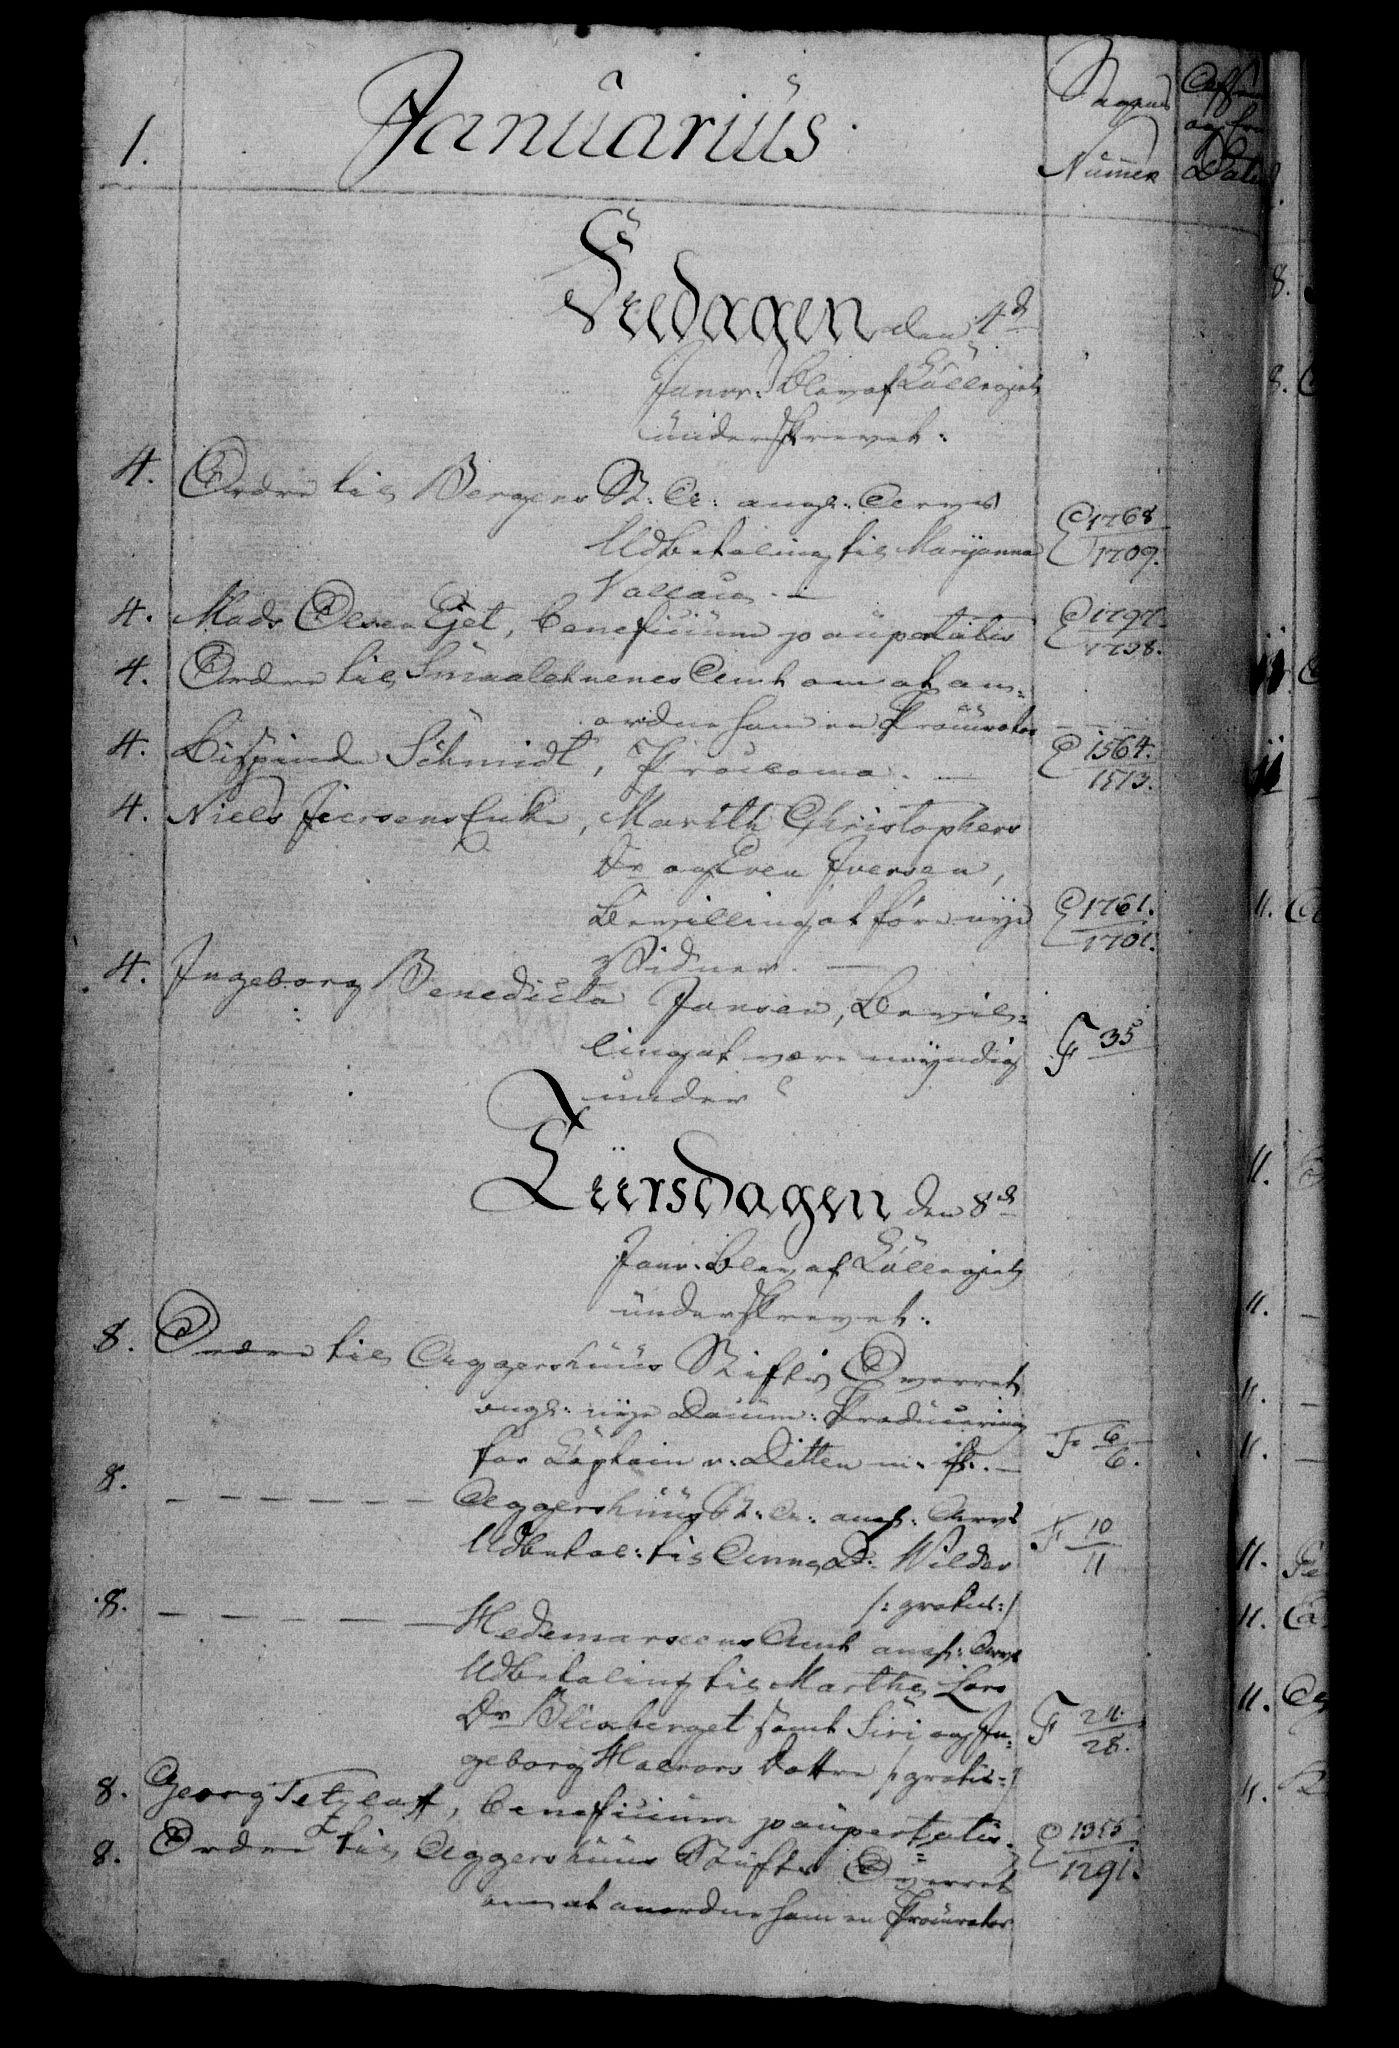 RA, Danske Kanselli 1800-1814, H/Hf/Hfb/Hfbc/L0006: Underskrivelsesbok m. register, 1805, s. 1